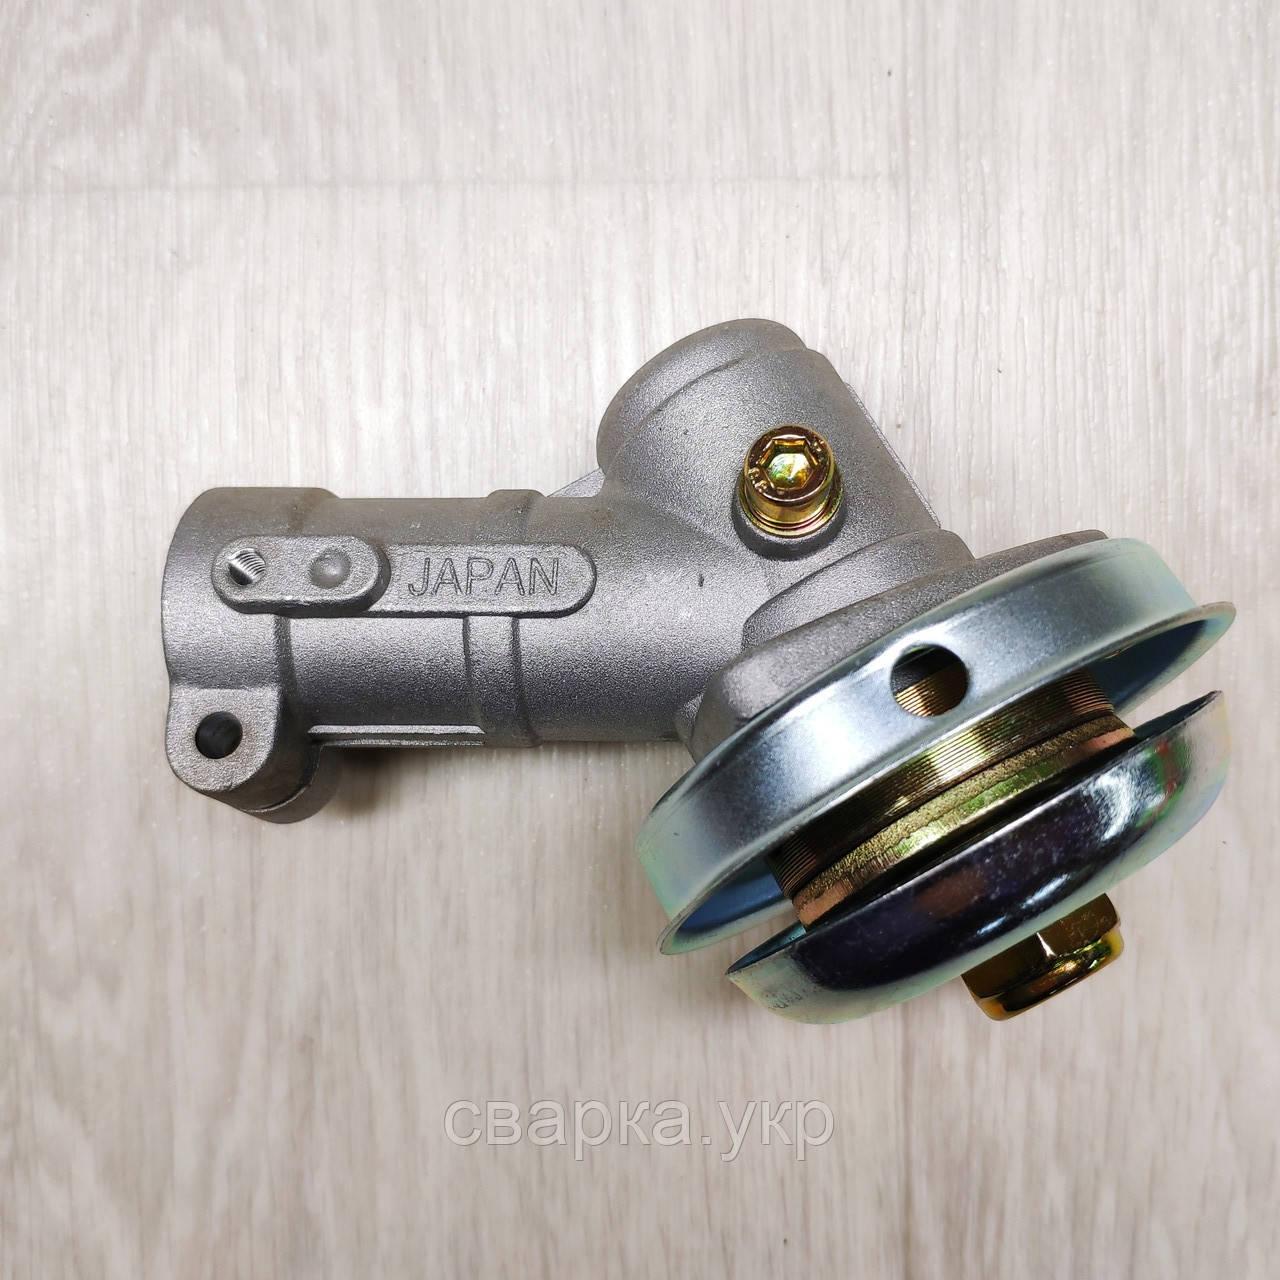 Нижний редуктор на бензокосу 9 шлицов Ø 26 мм